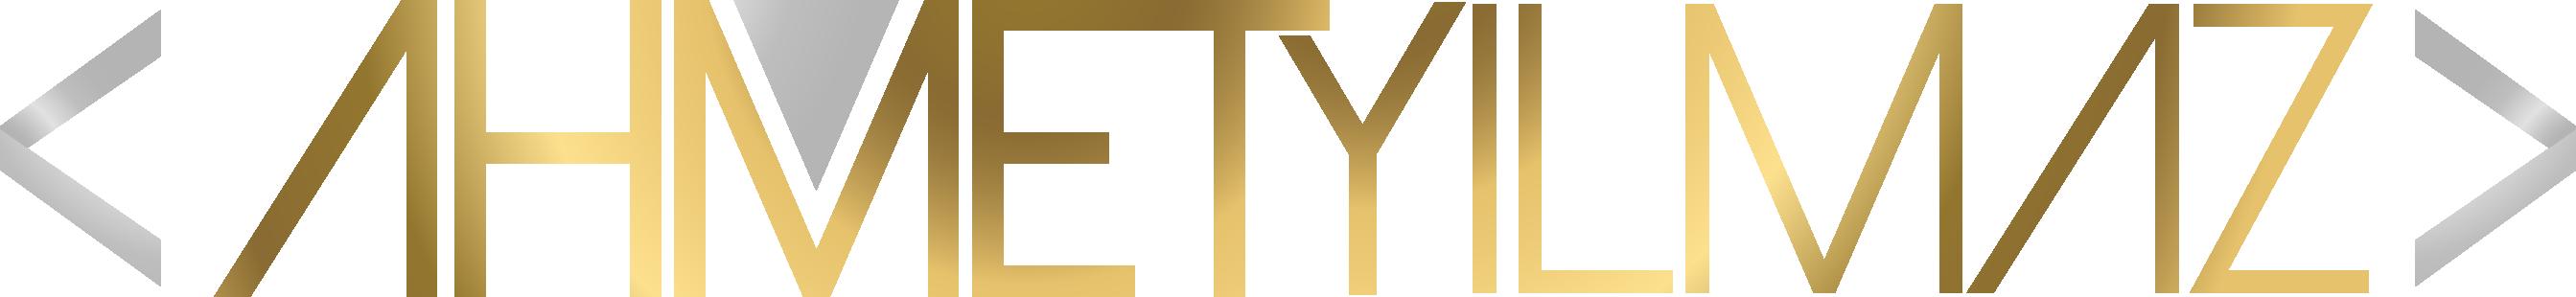 Ahmety Logo